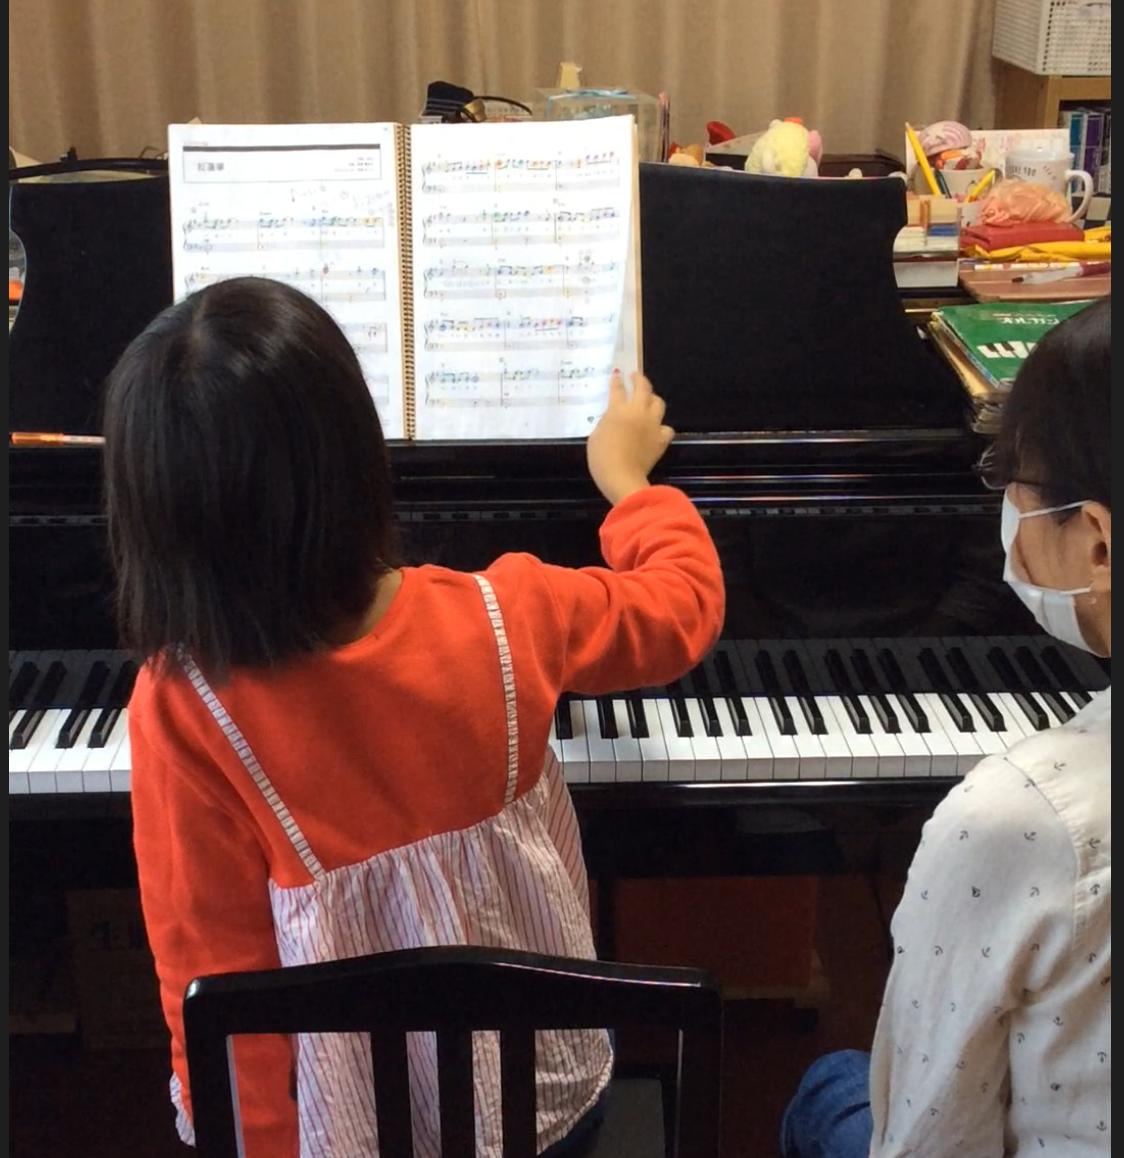 ぴぴピアノ教室の子どもの生徒さん画像